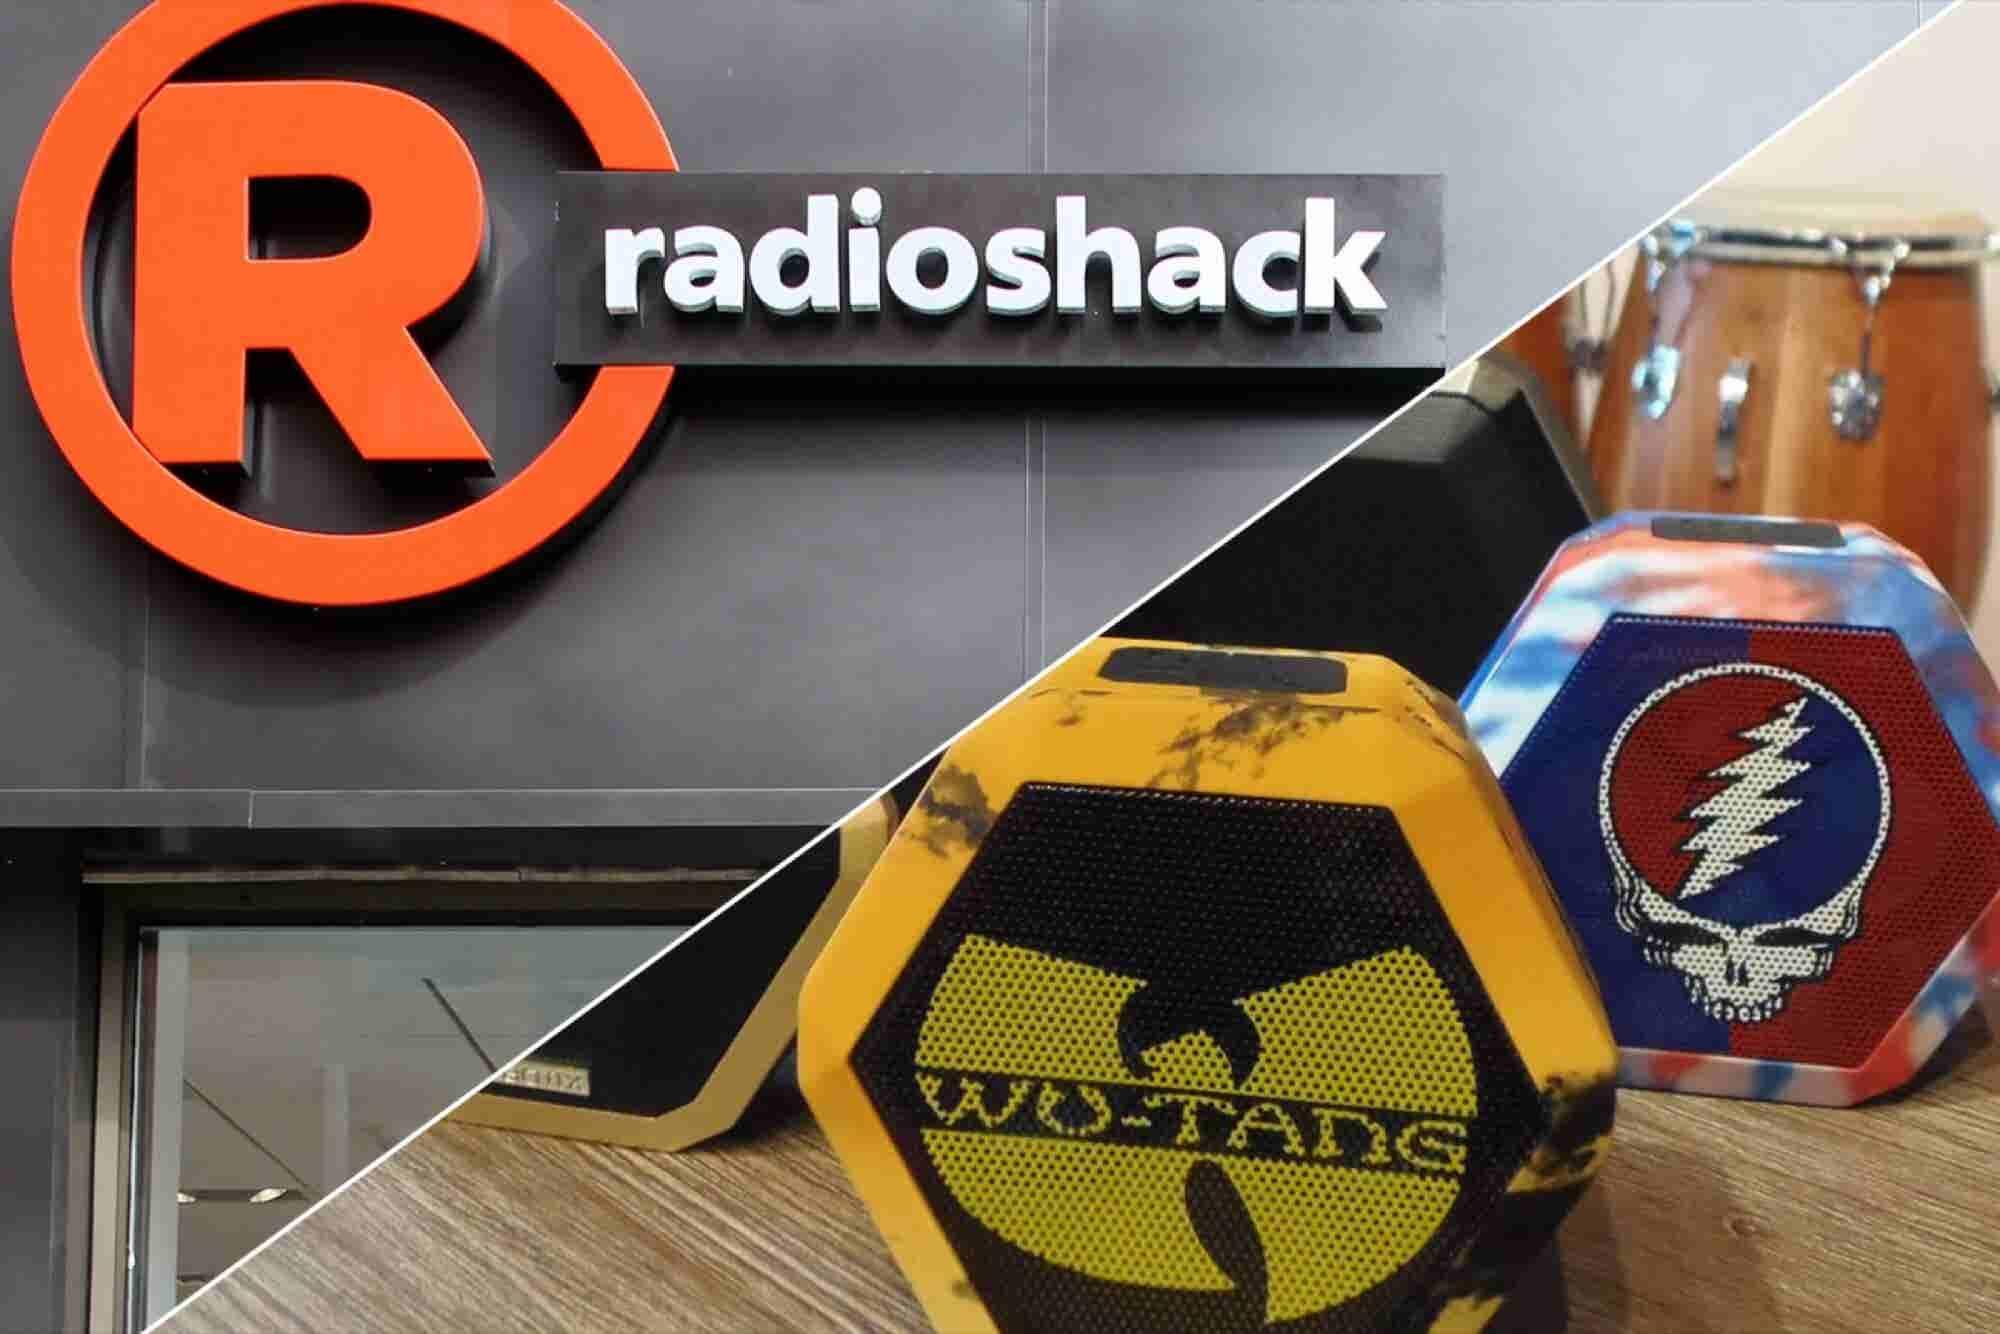 Could the Wu-Tang Clan Bring Back RadioShack?